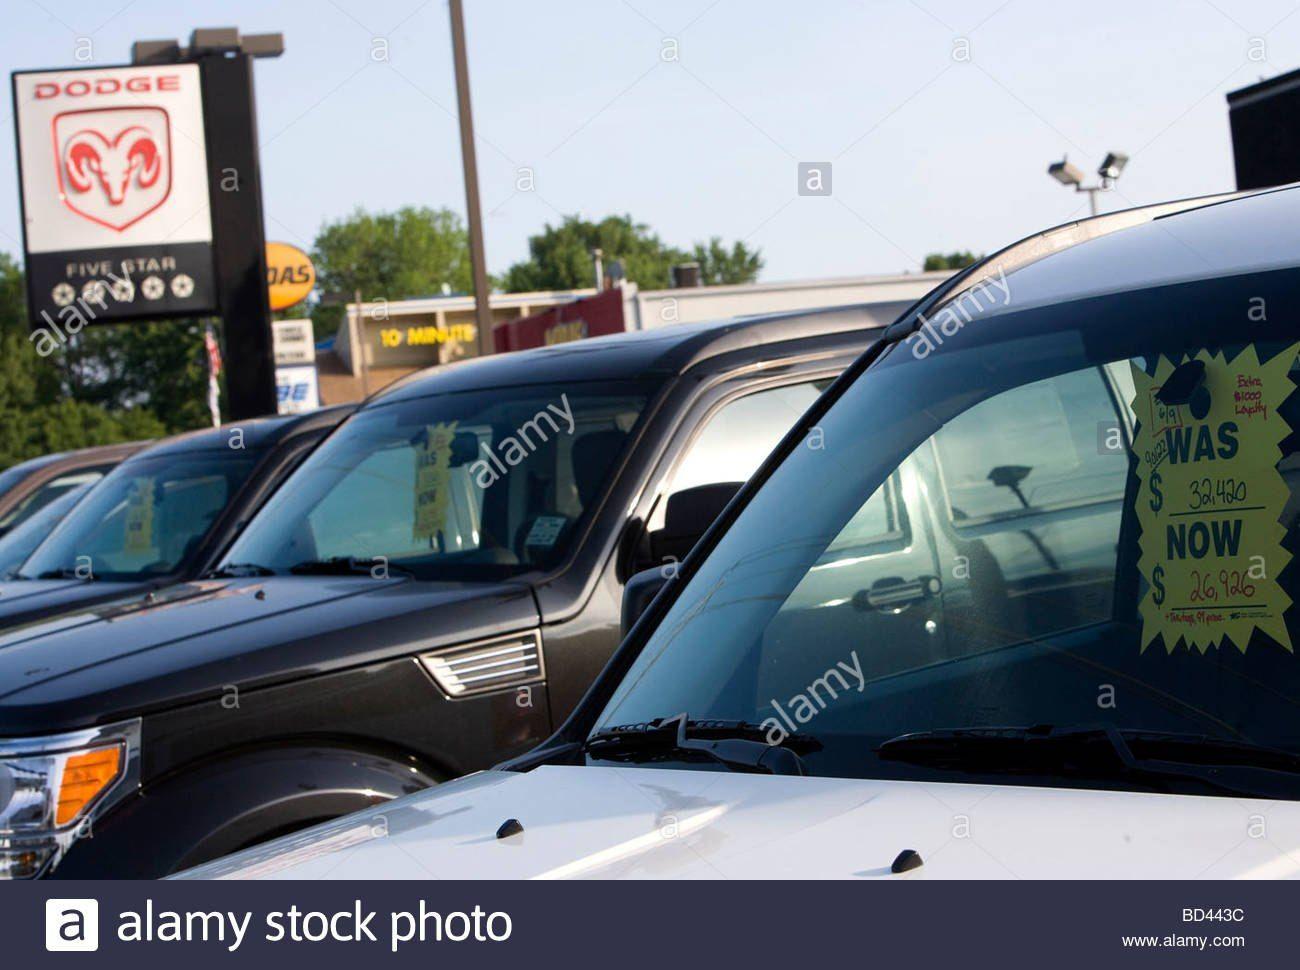 premier ram s chrysler homepage cherokee medicine celebration kag sliders jackson jeep dealers event hat dodge dealer